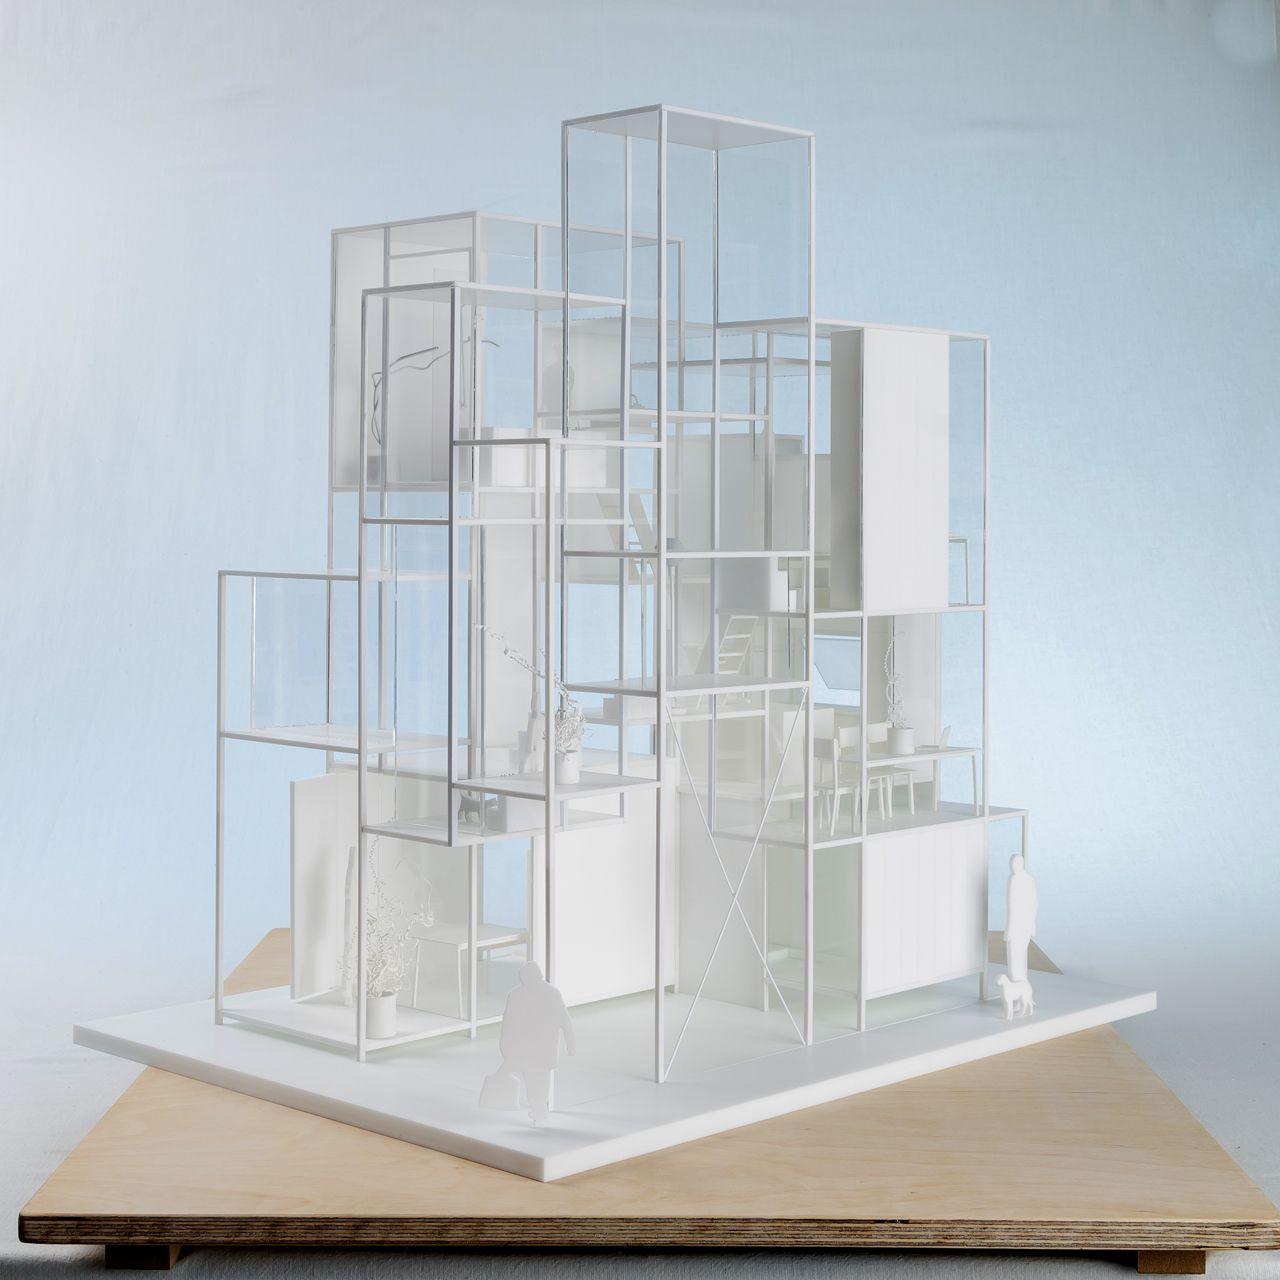 Sou fujimoto lucasz bernacki model na house tokyo japan projetos ccuart Gallery